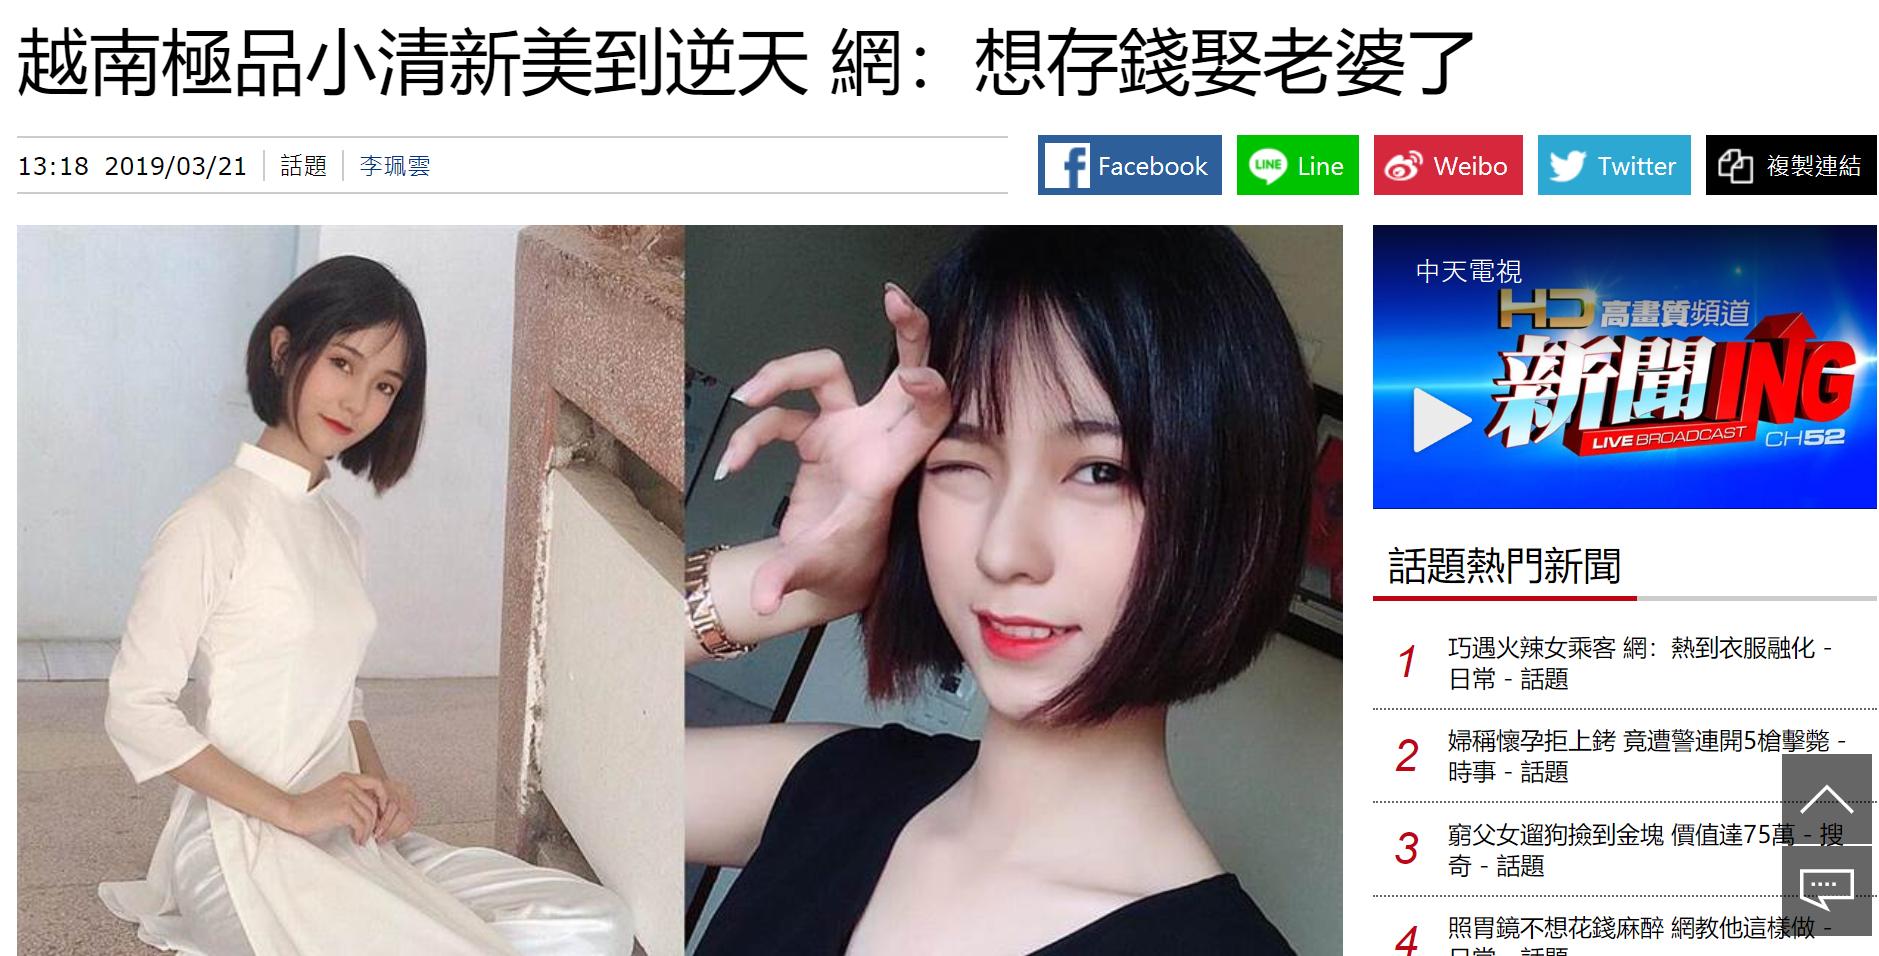 Nữ sinh 2001 được báo Trung gọi là cực phẩm hot girl với nhan sắc trong sáng y nữ chính phim thanh xuân vườn trường - Ảnh 2.